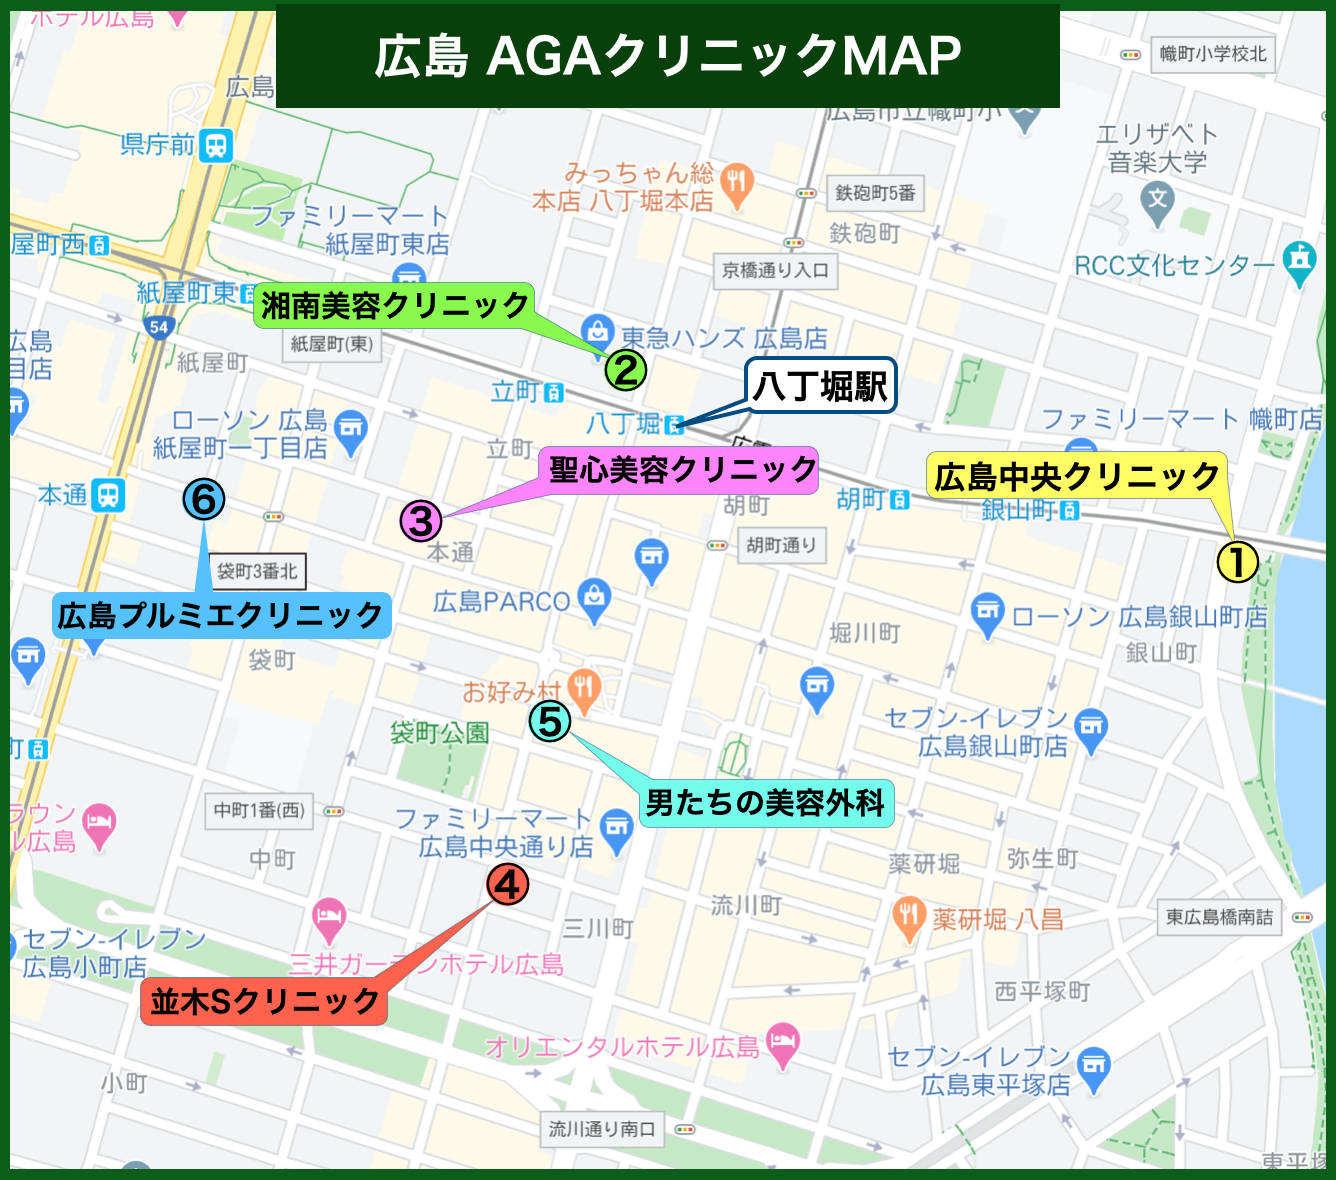 広島 AGAクリニックMAP(2020年版)